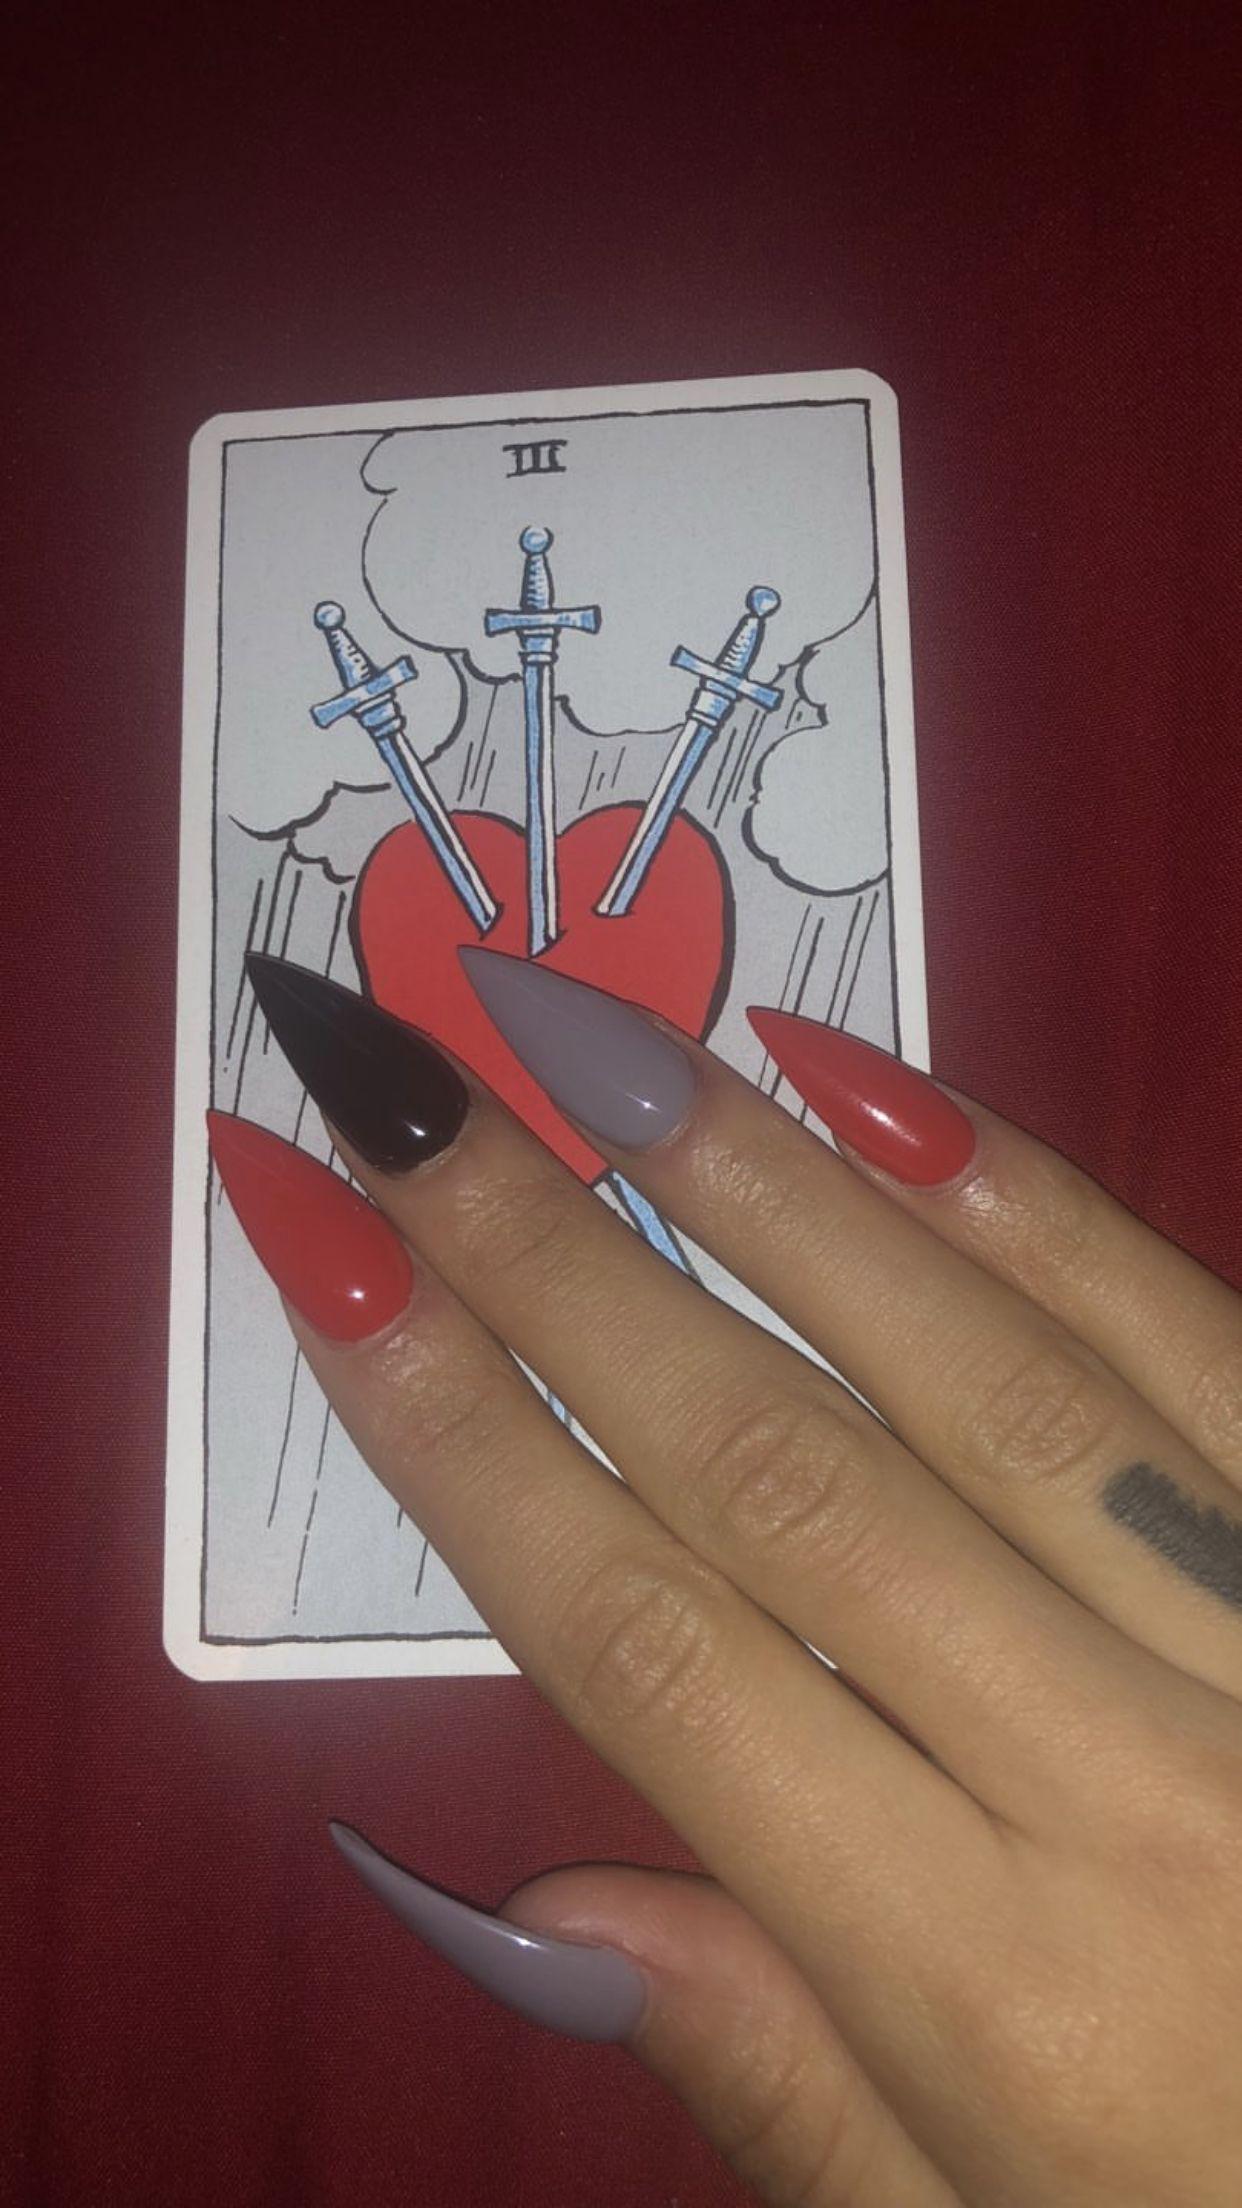 Aesthetic Syd Geneva Ayala Nails Grunge Aesthetic